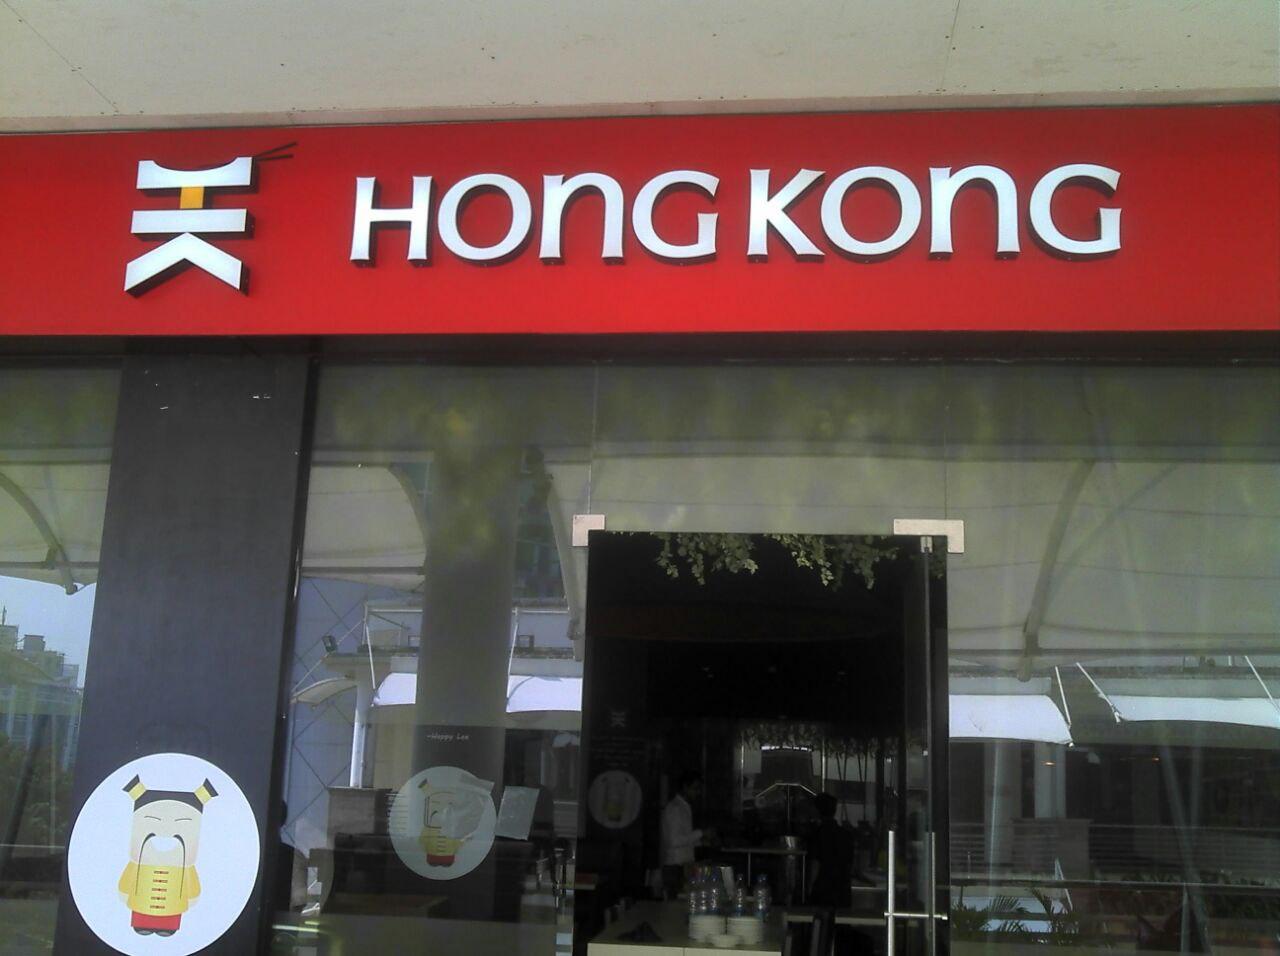 Hong Kong - Majjawada - Thane Image